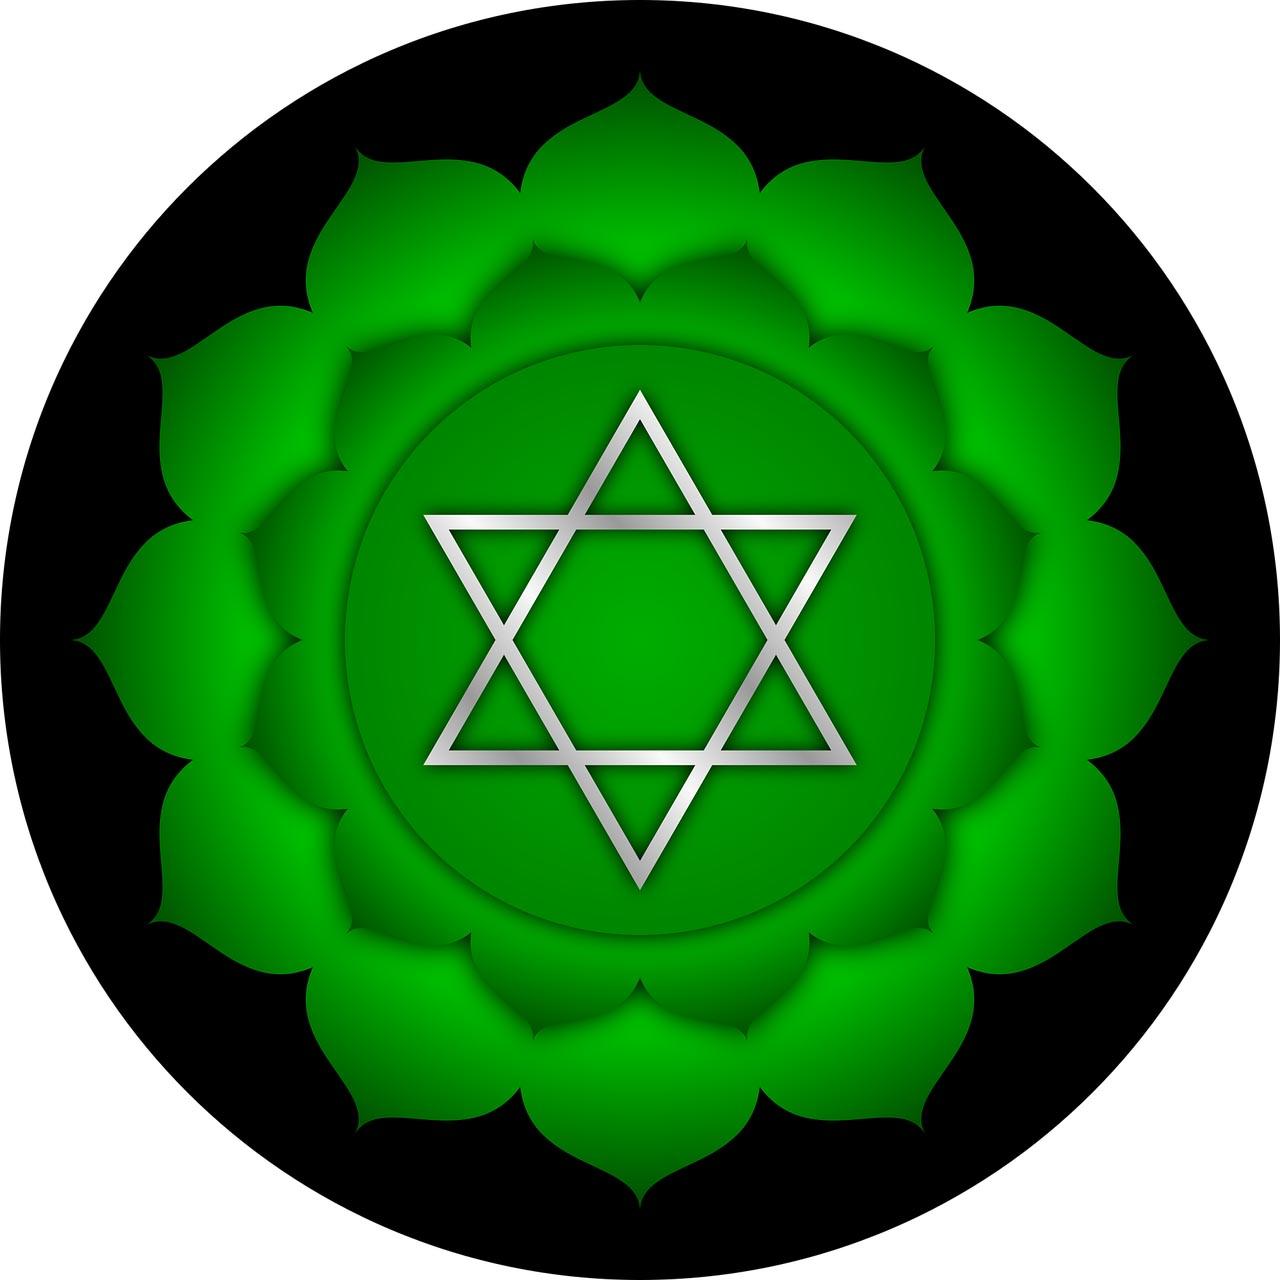 Le chakra du coeur est situé au creux du sternum